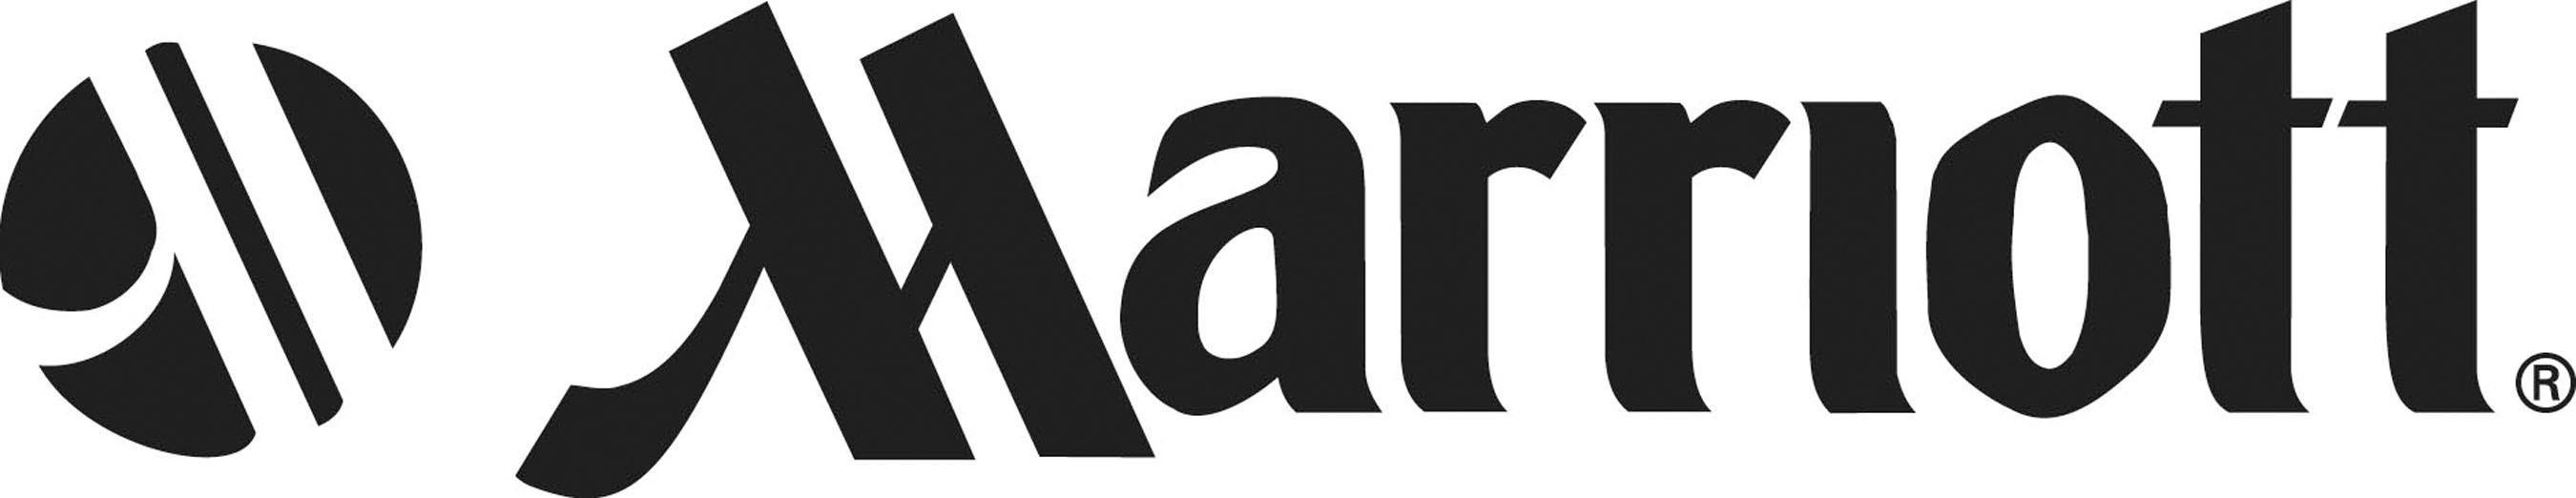 Marriott International, Inc. logo